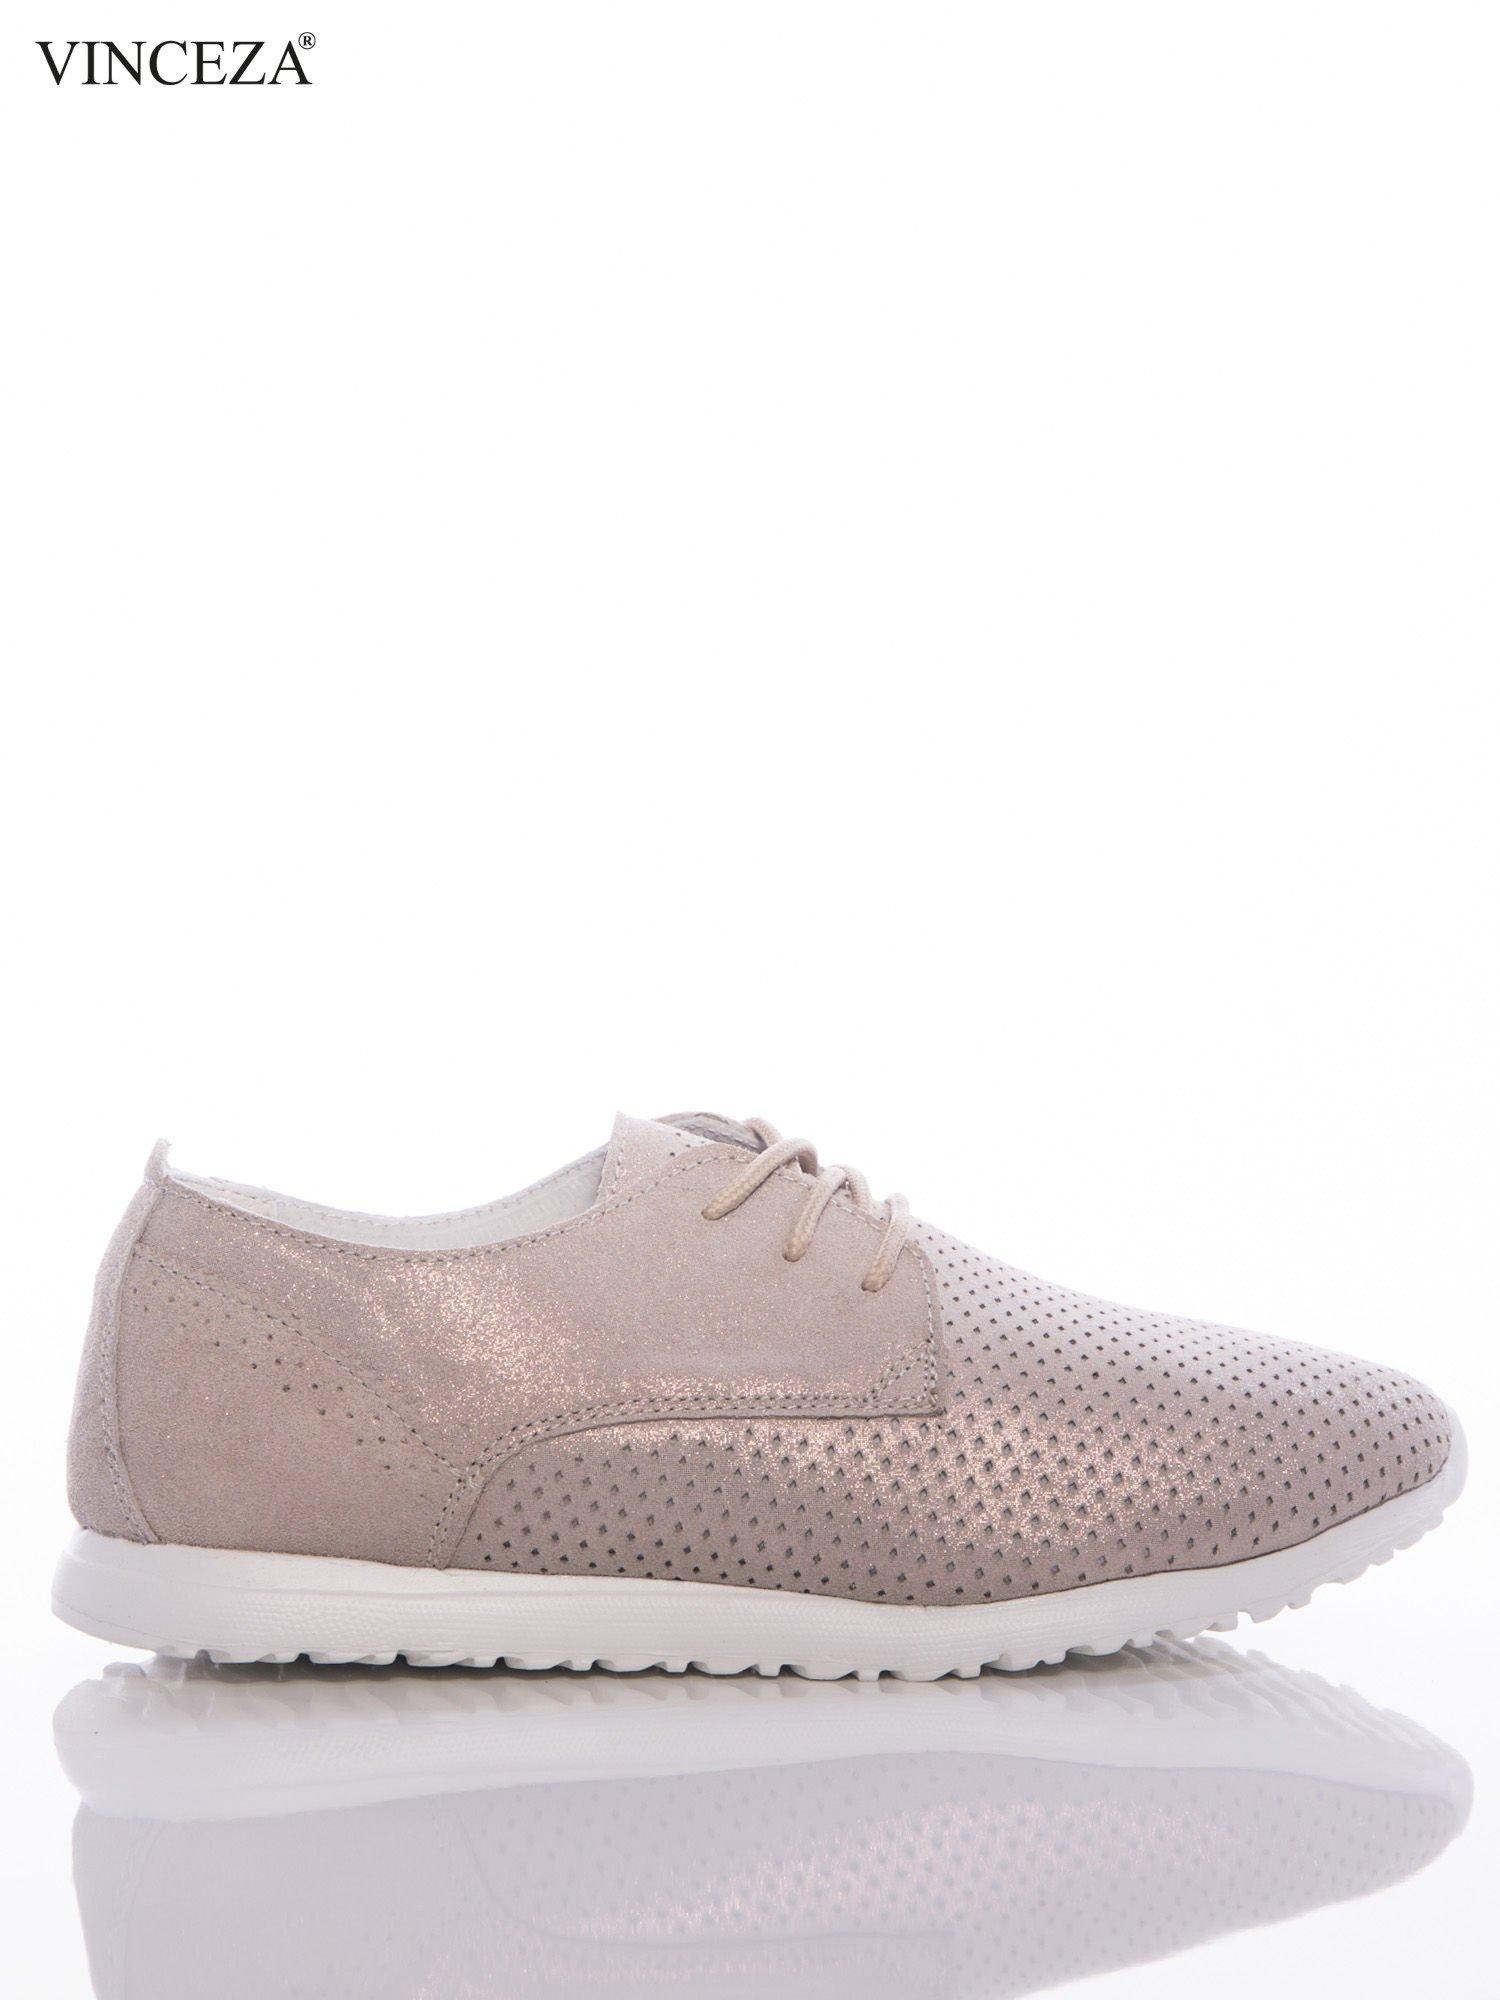 32982b2633773 Złote buty sportowe ze skóry Vinceza z opalizującym efektem, na sprężystej  podeszwie ...